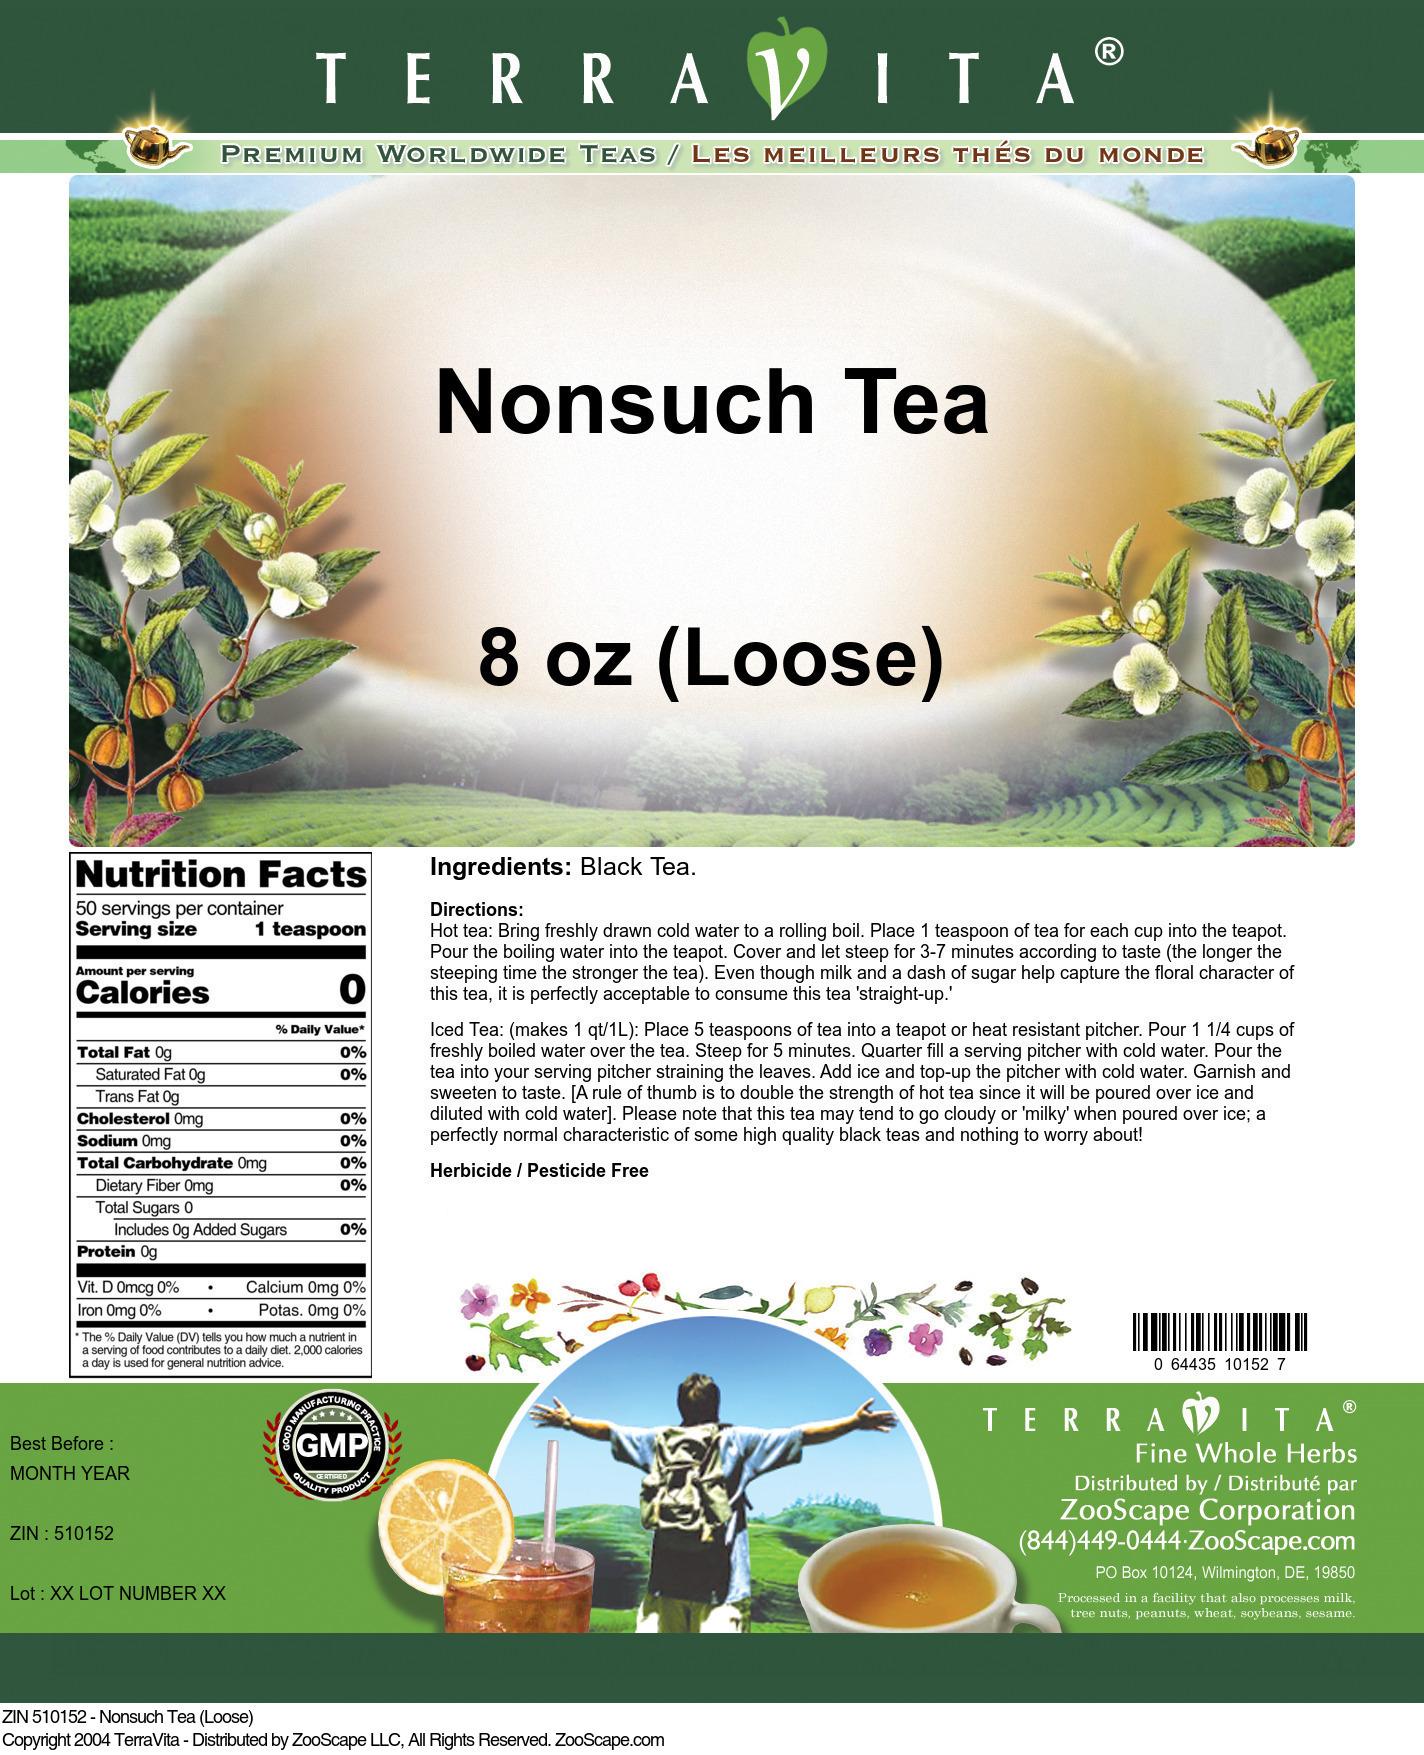 Nonsuch Tea (Loose)